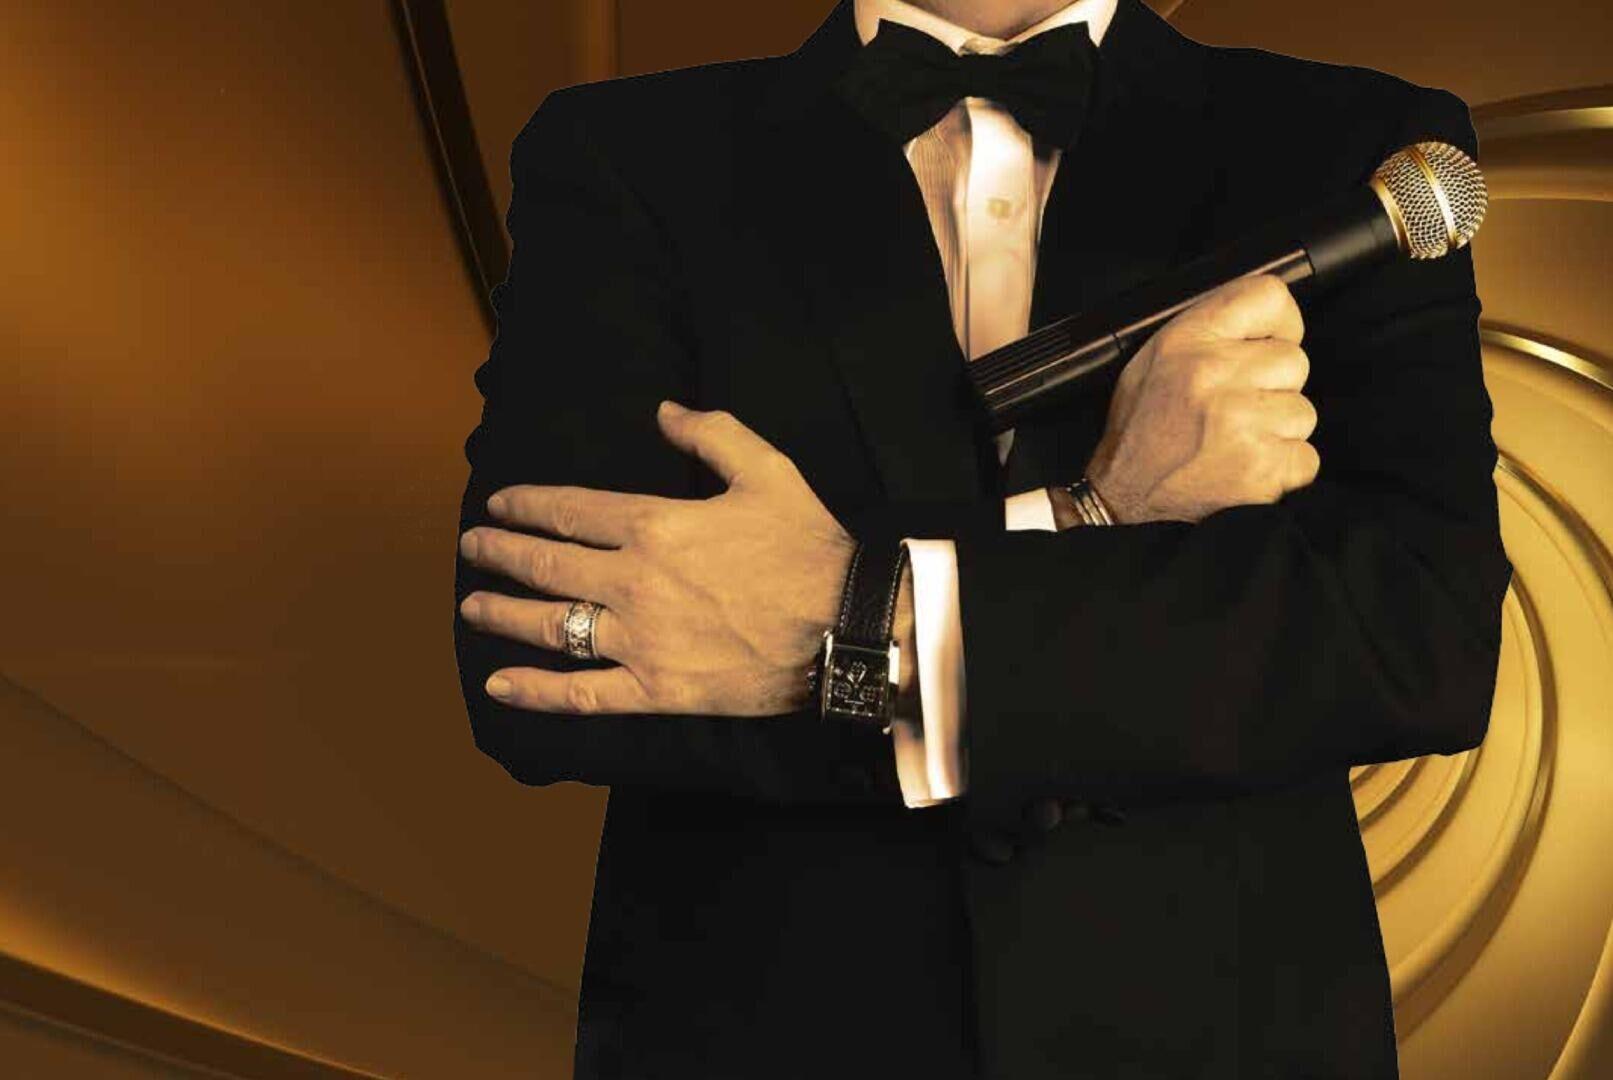 James Bond filmmuziek